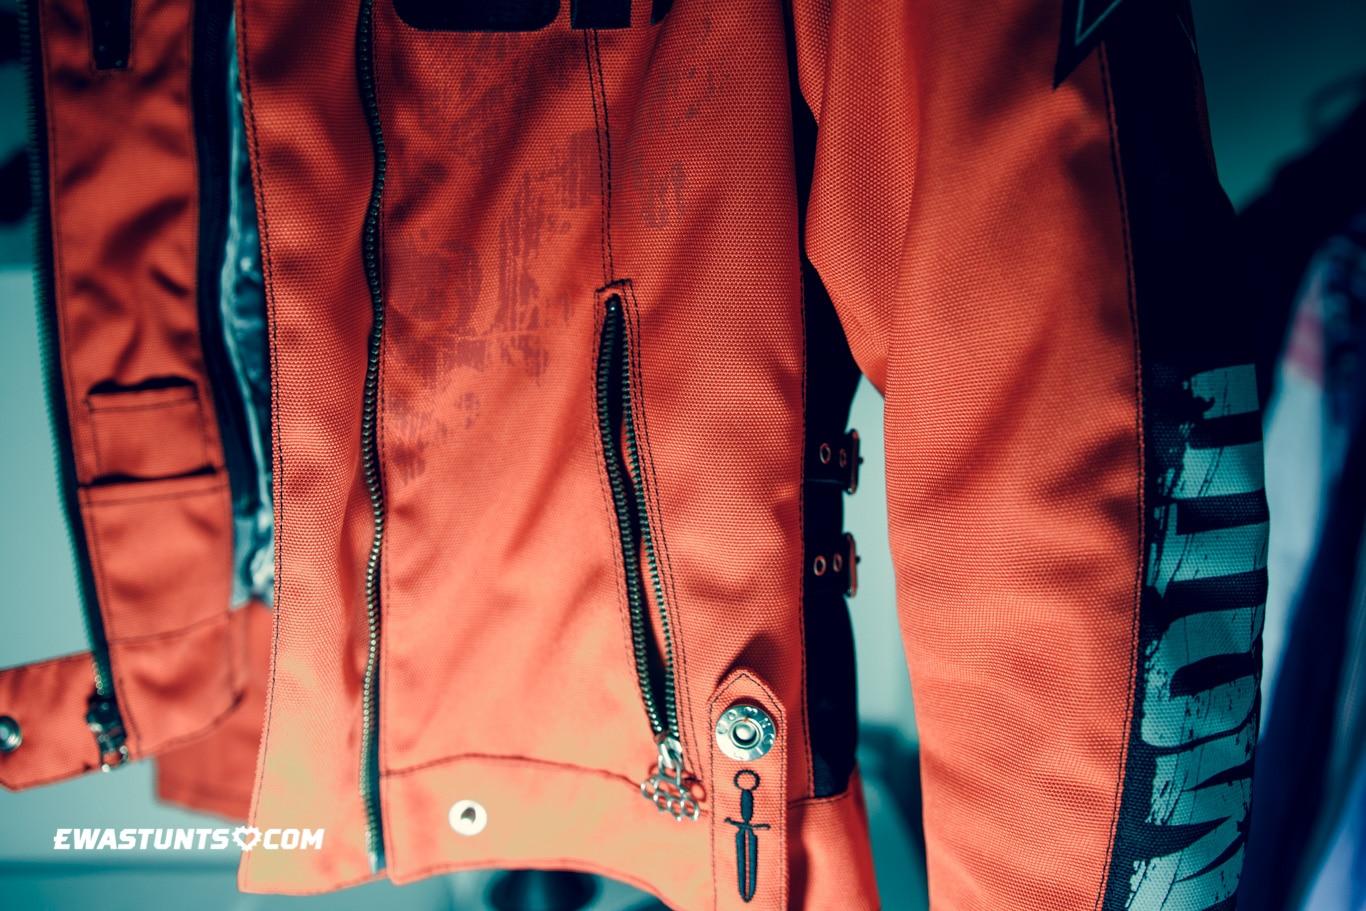 ewastunts_icon_jacket-42